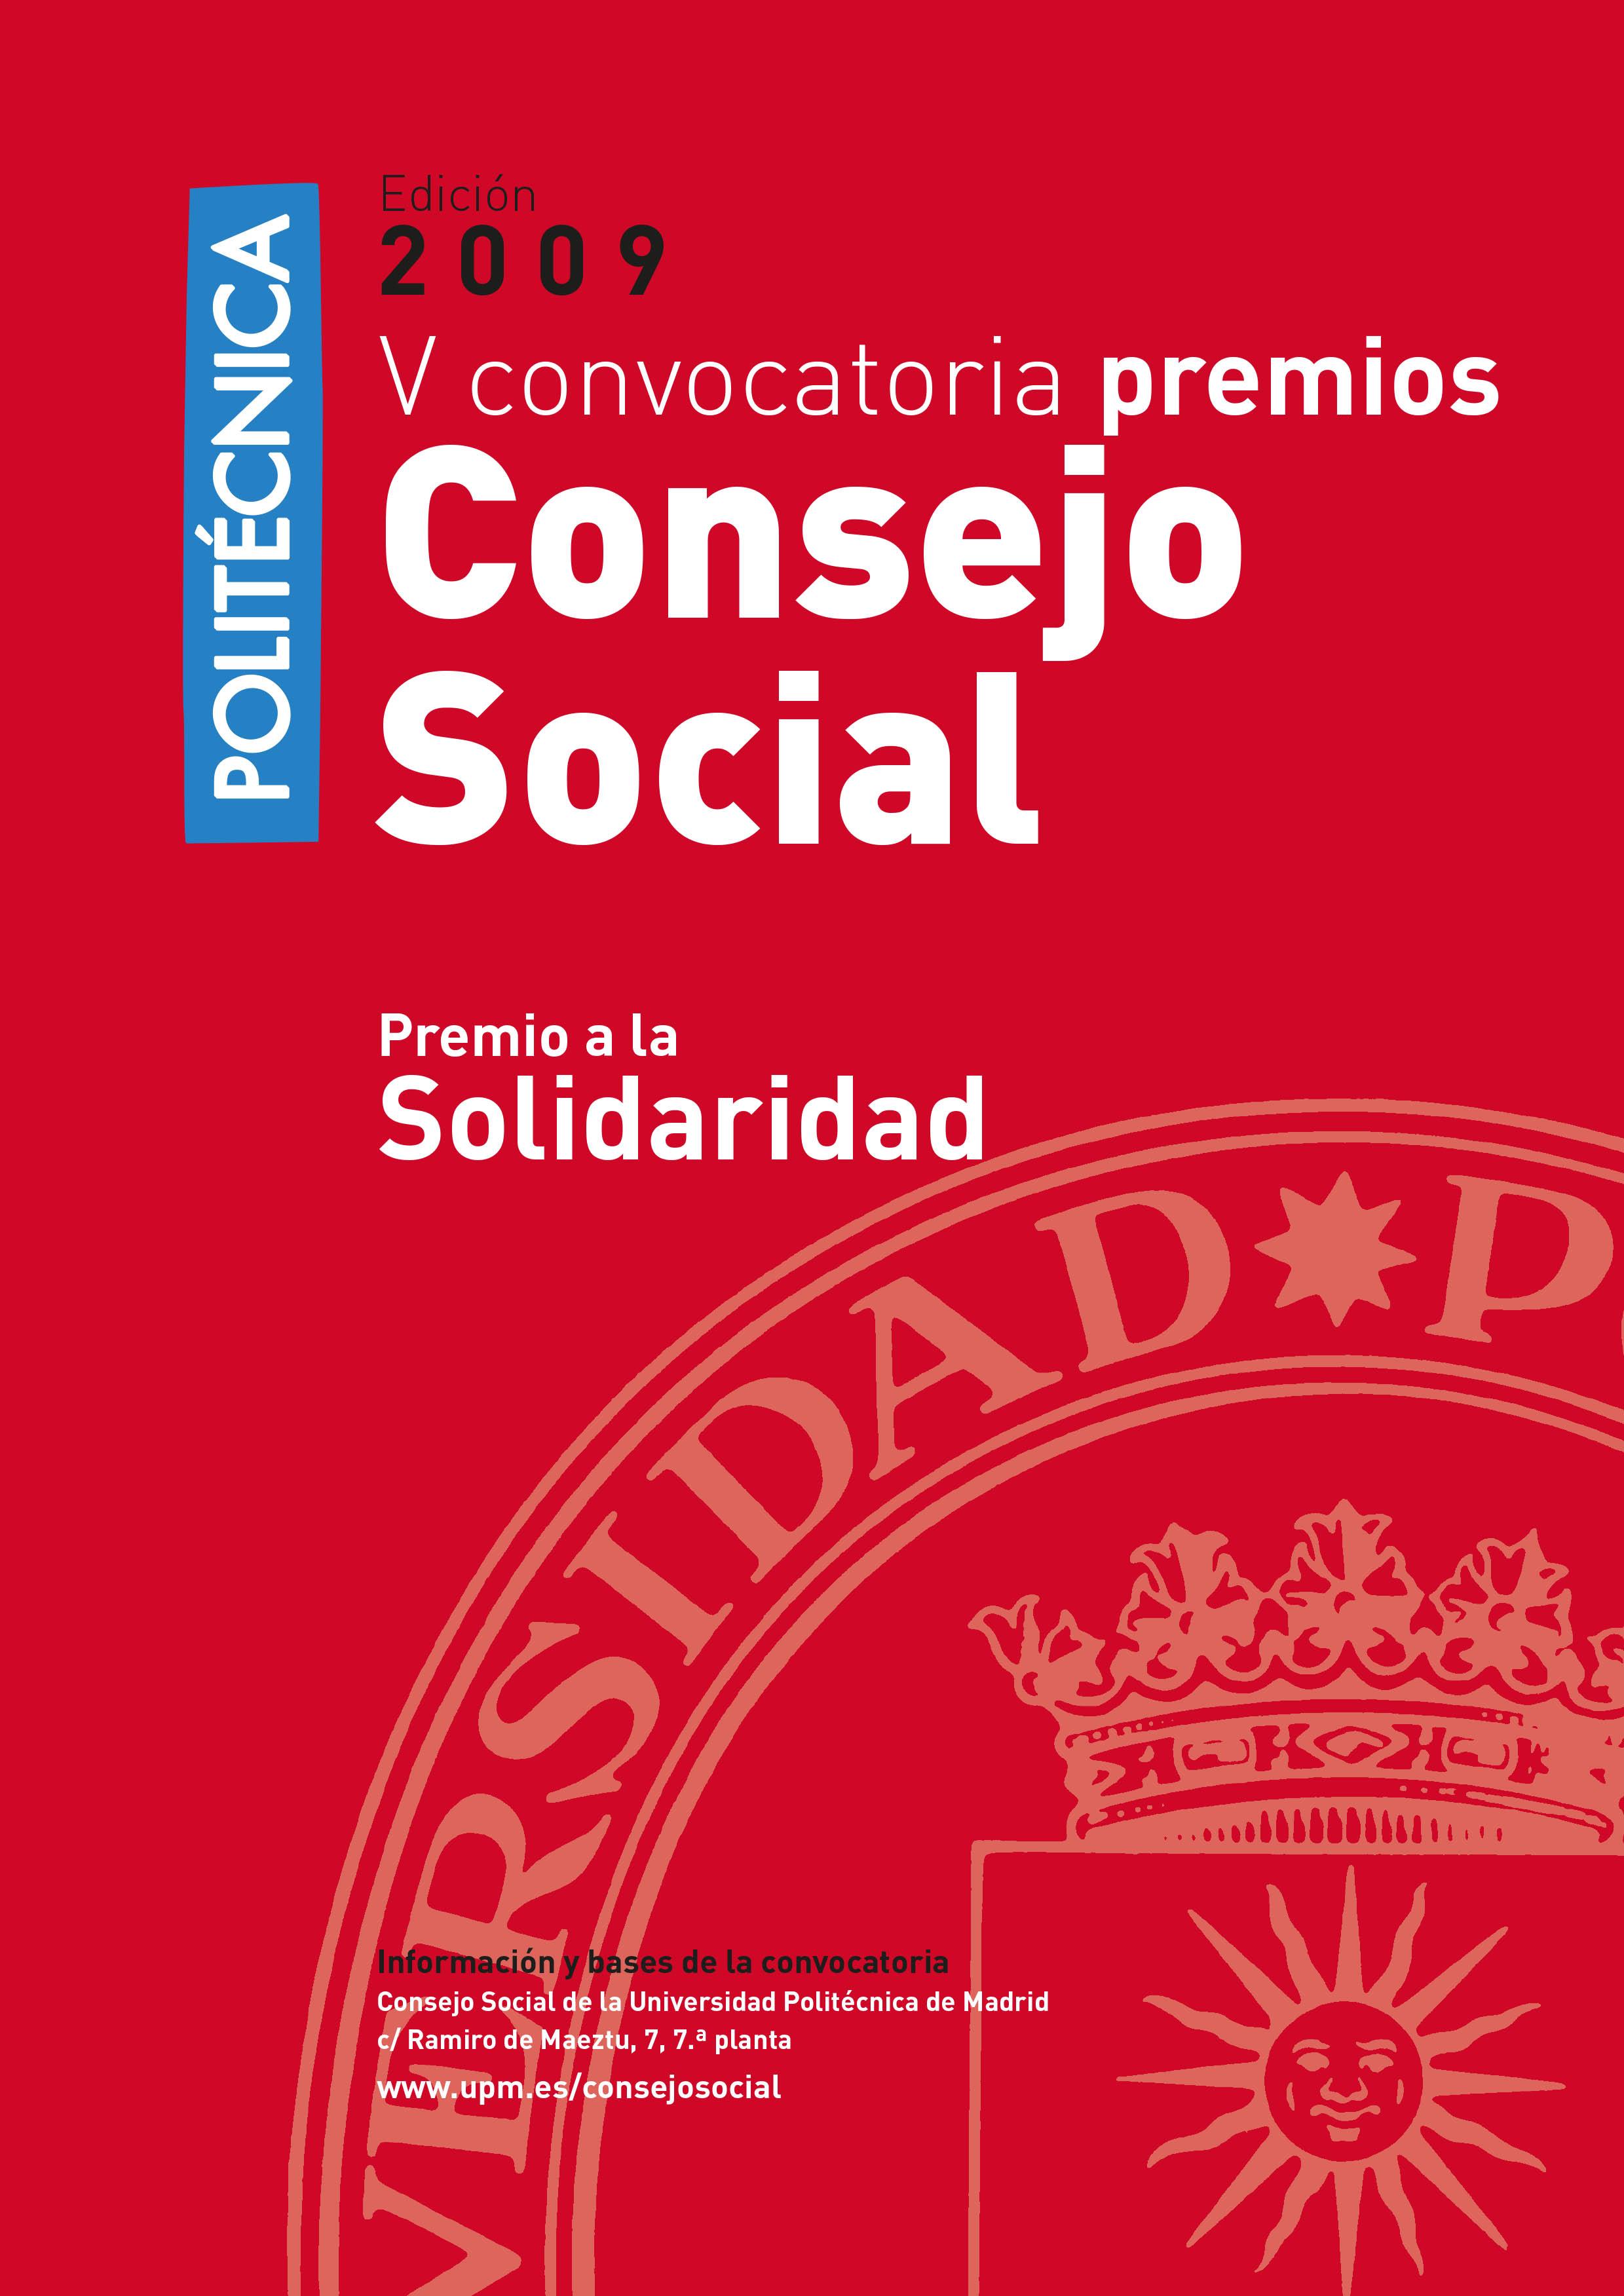 Folleto premios 2009 del Consejo Social de la UPM a la solidaridad